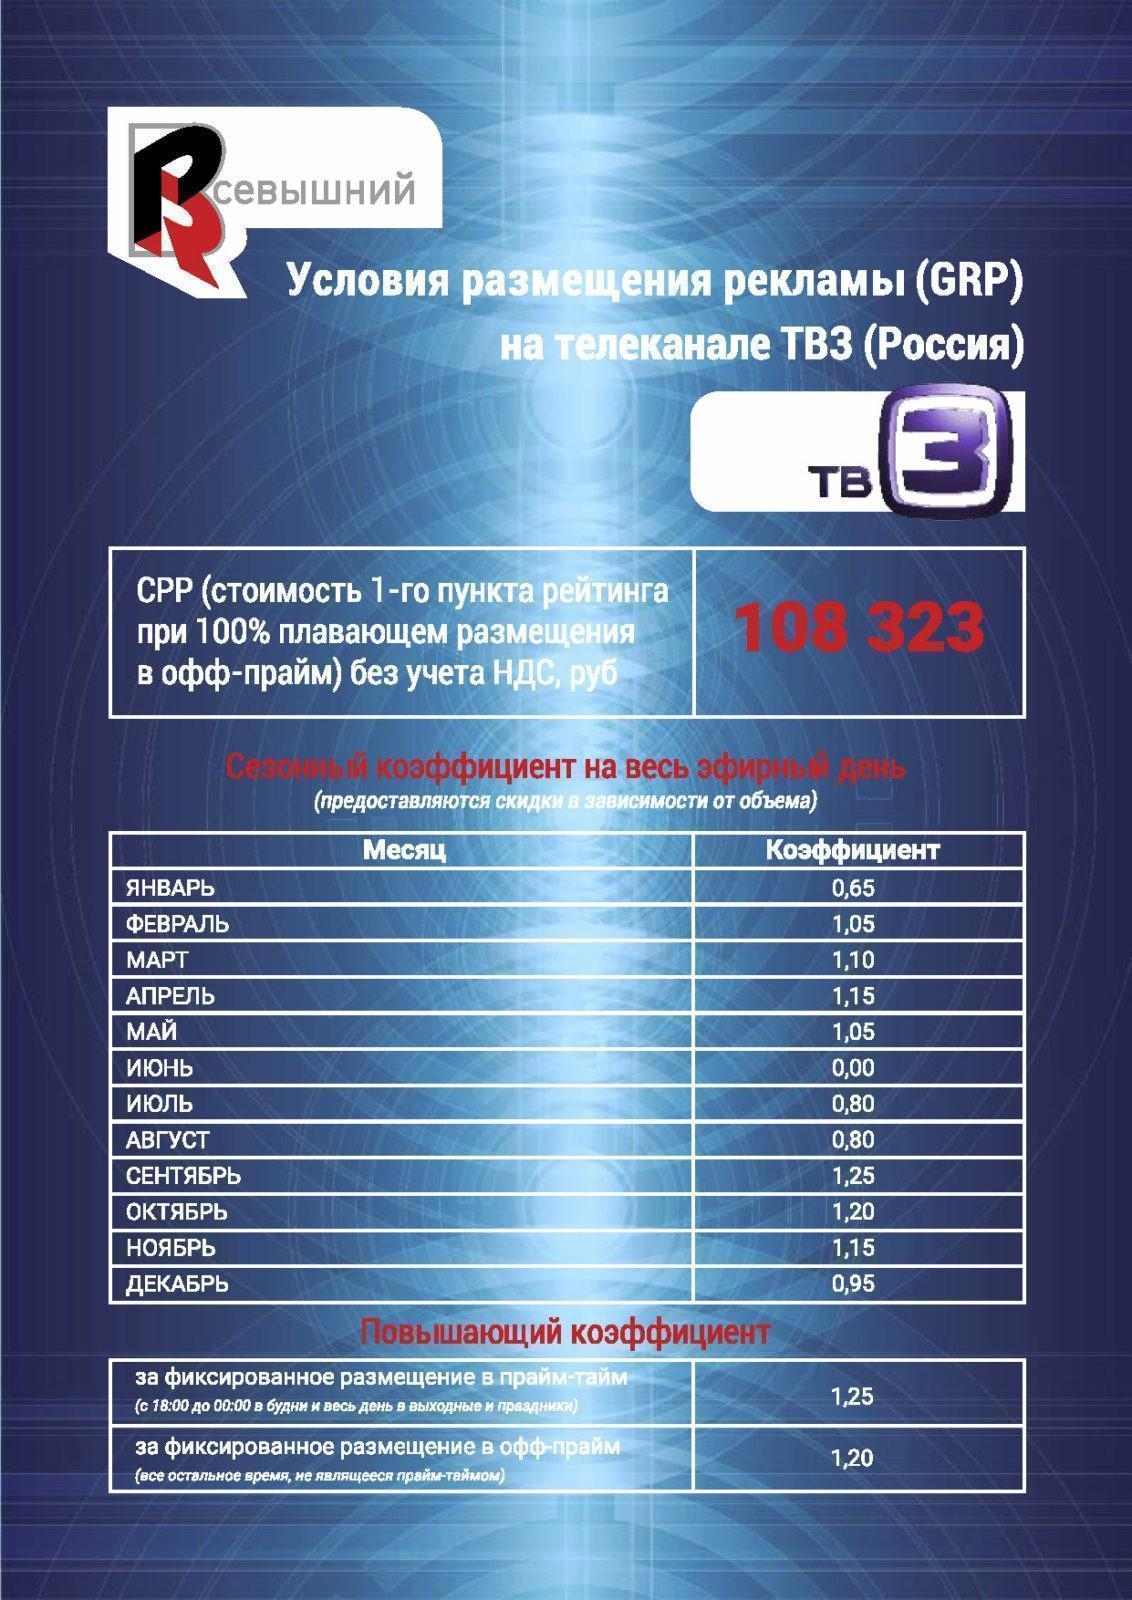 Реклама на канале ТВ-3